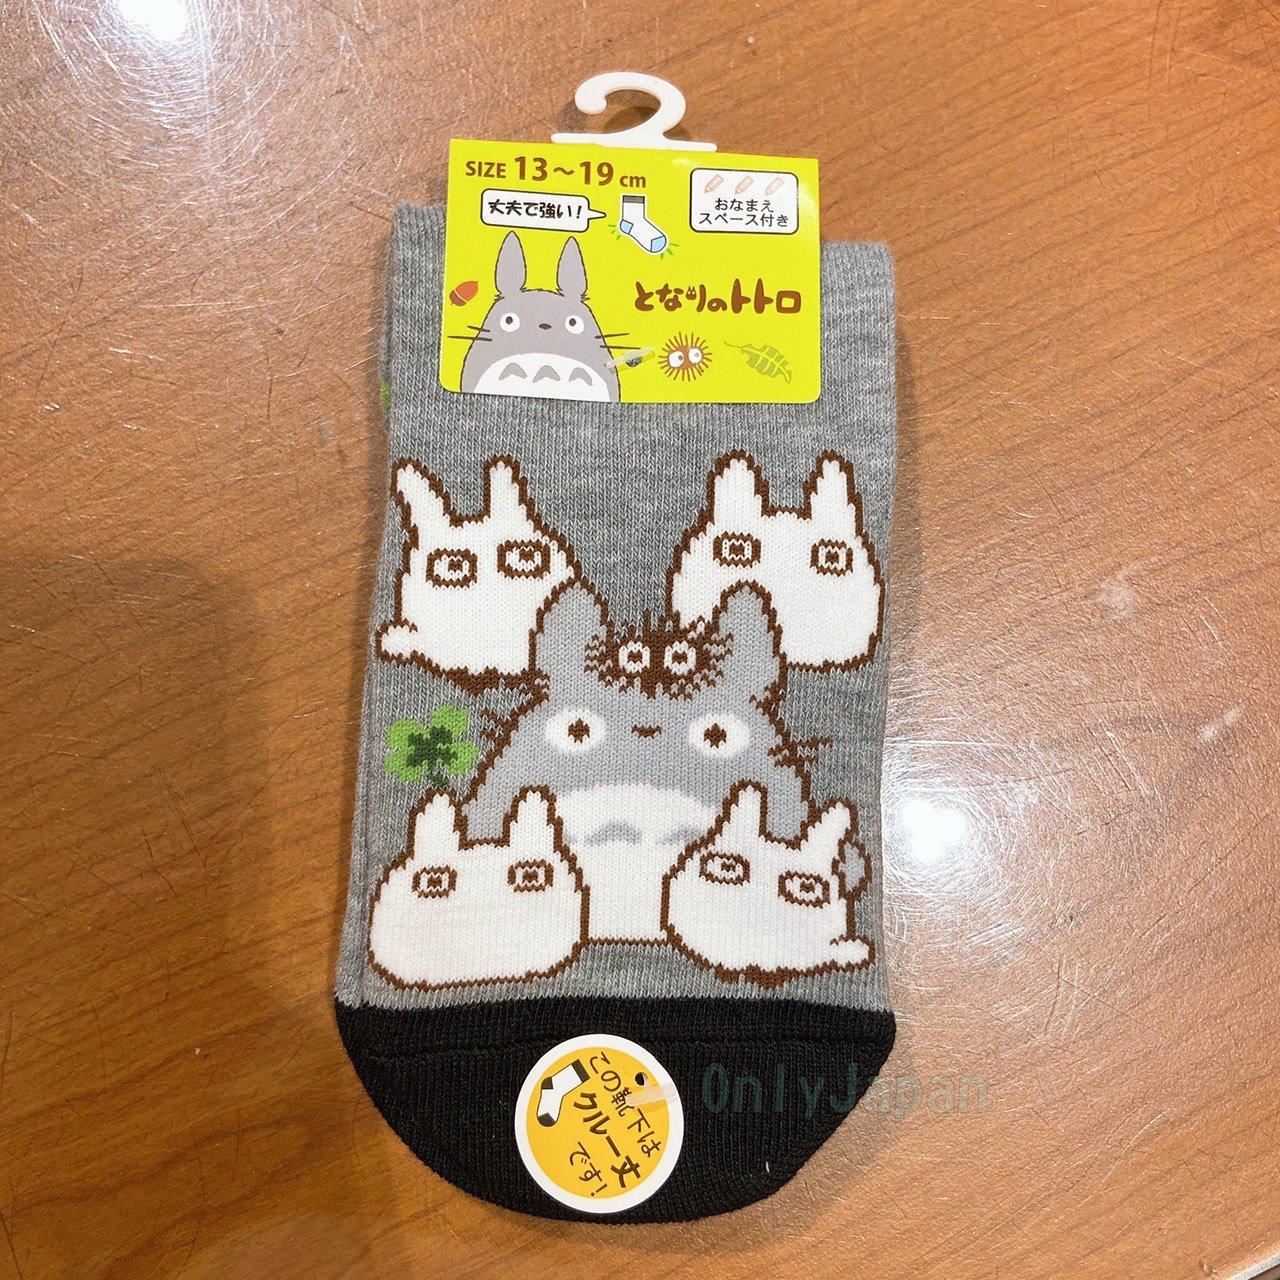 兒童襪子 灰龍貓與小白龍貓灰 龍貓totoro 豆豆龍 吉卜力 宮崎駿 童襪 兒童襪子 襪子 嬰兒襪 襪 保暖襪 真愛日本